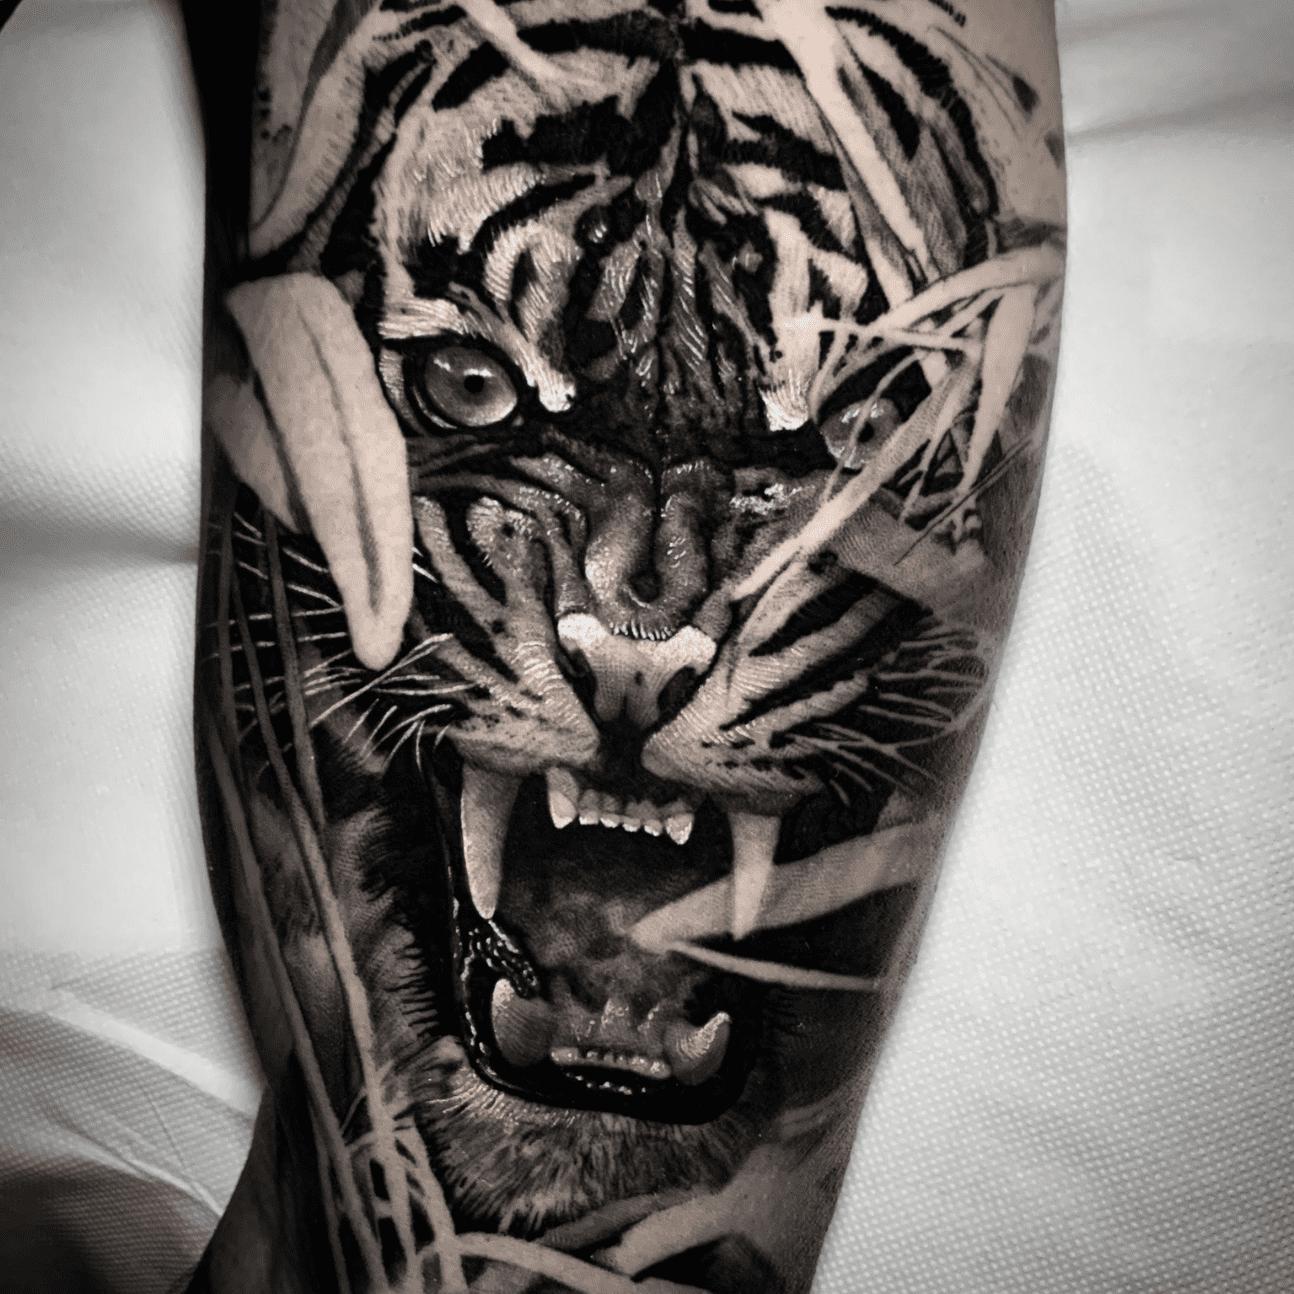 Tatuaggi realistici a roma: tiger black and grey